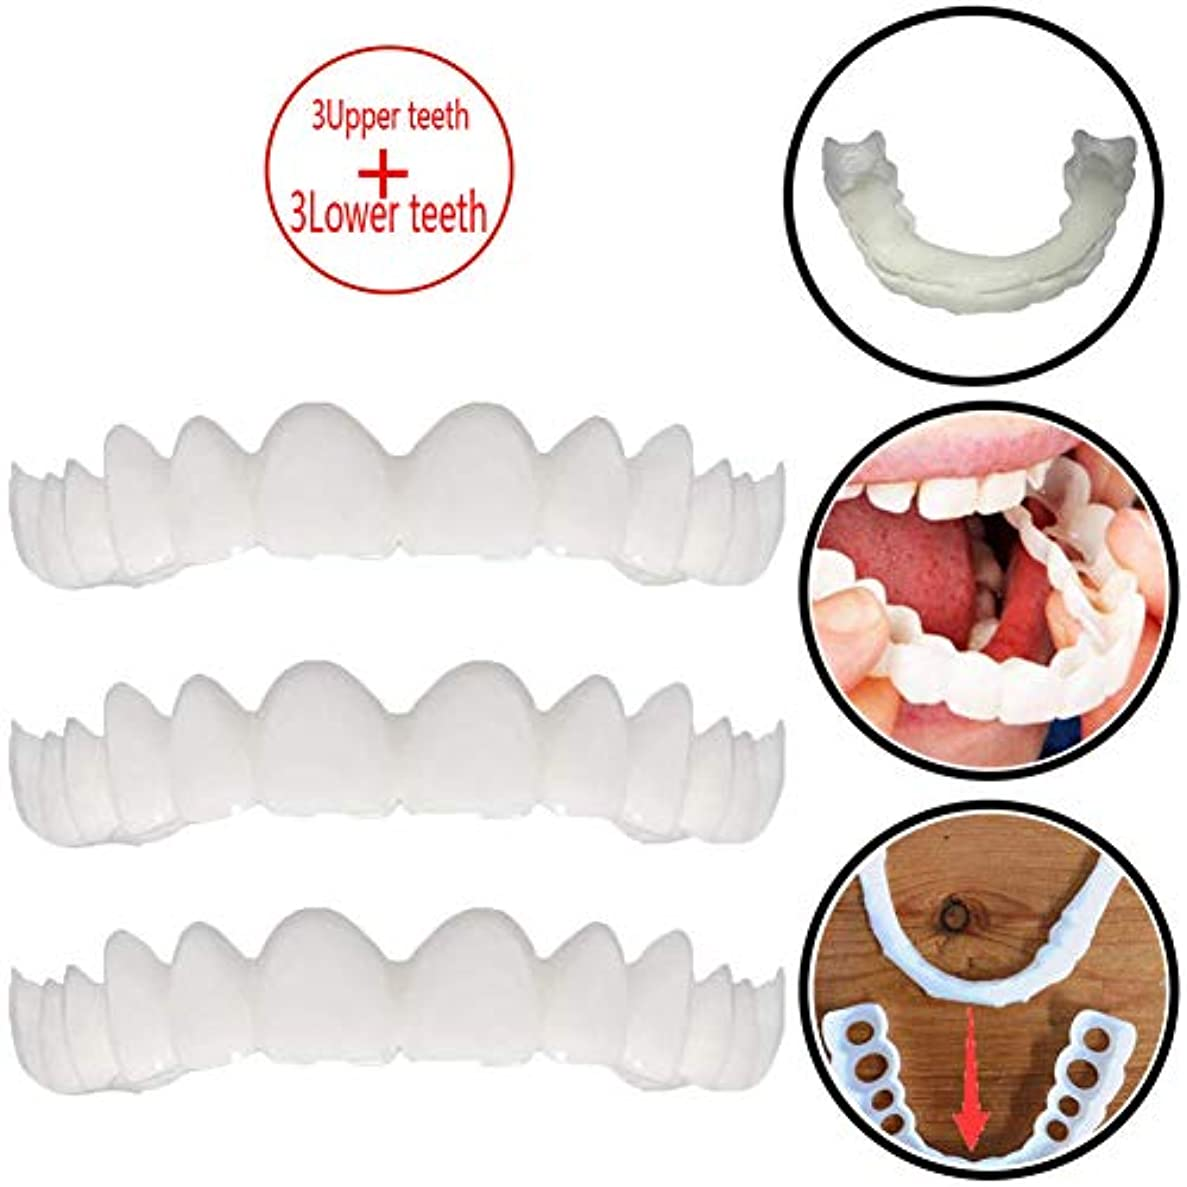 医療過誤土器とまり木3ペアの一時的な歯のホワイトニング、シミュレーションブレース上部ブレース+下部ブレースホワイトニングティースナップオンインスタント完全ベニア,3upperteeth+3lowerteeth